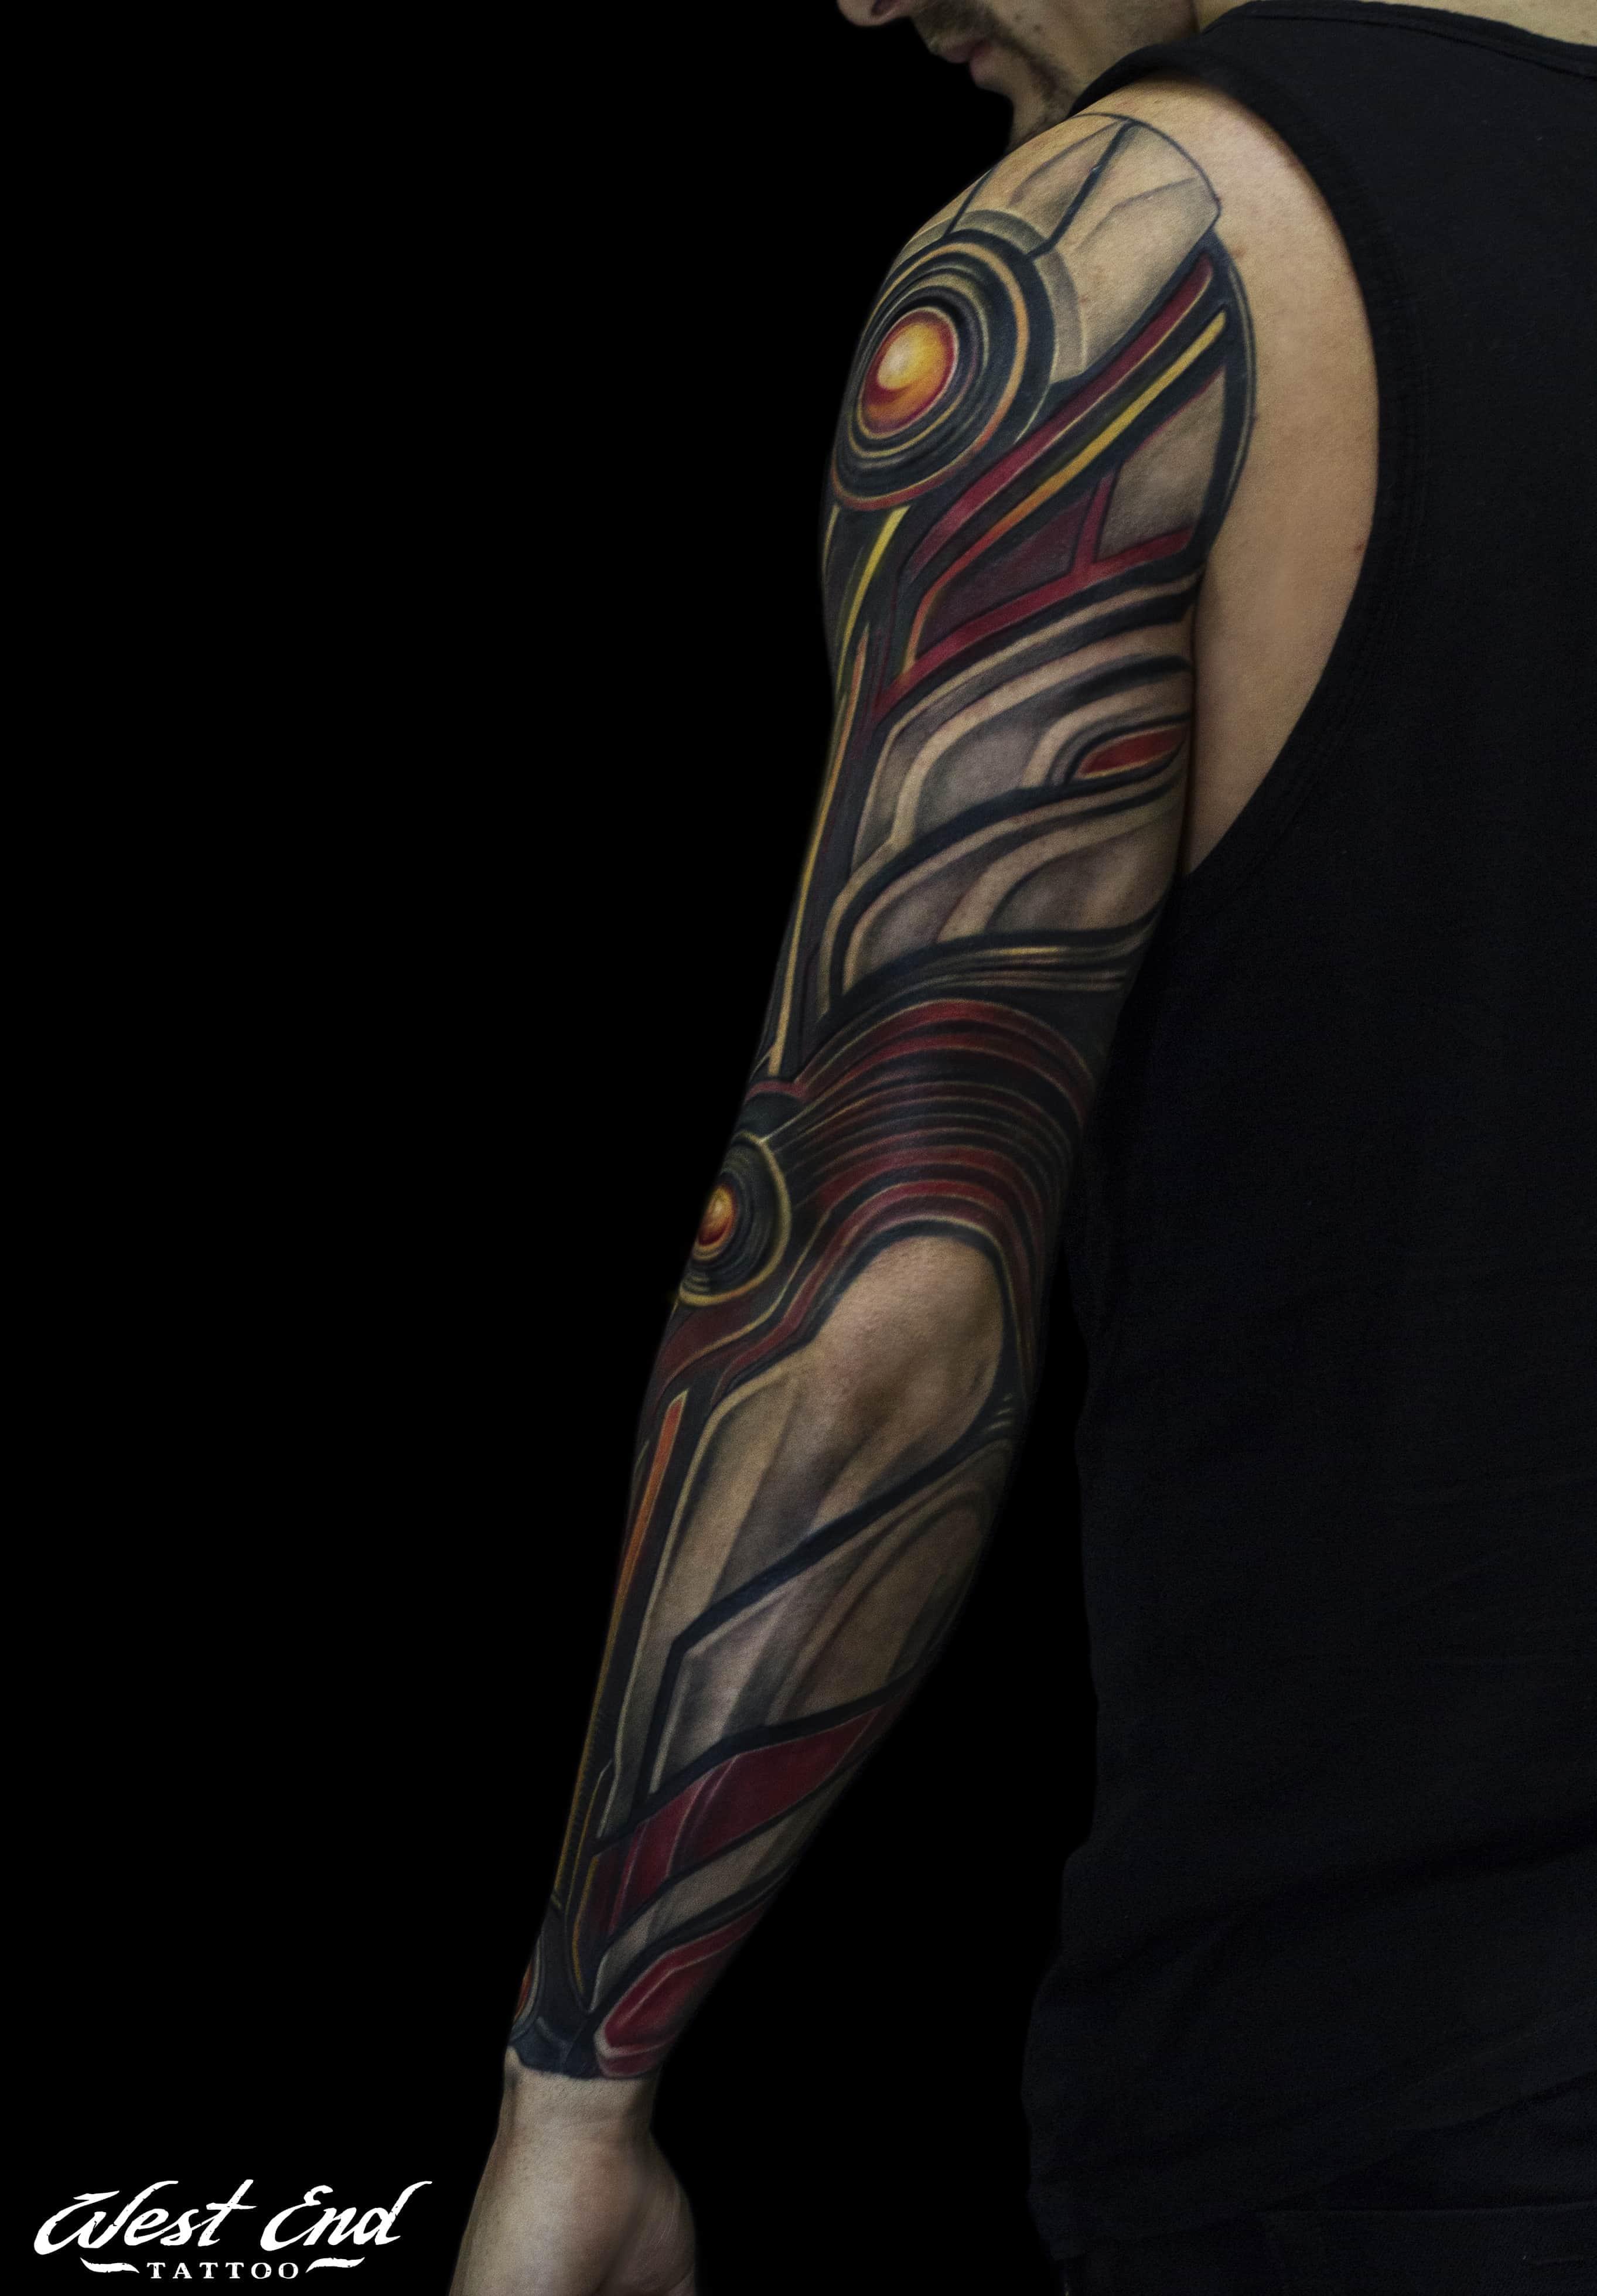 Цветное тату орнамент на руке